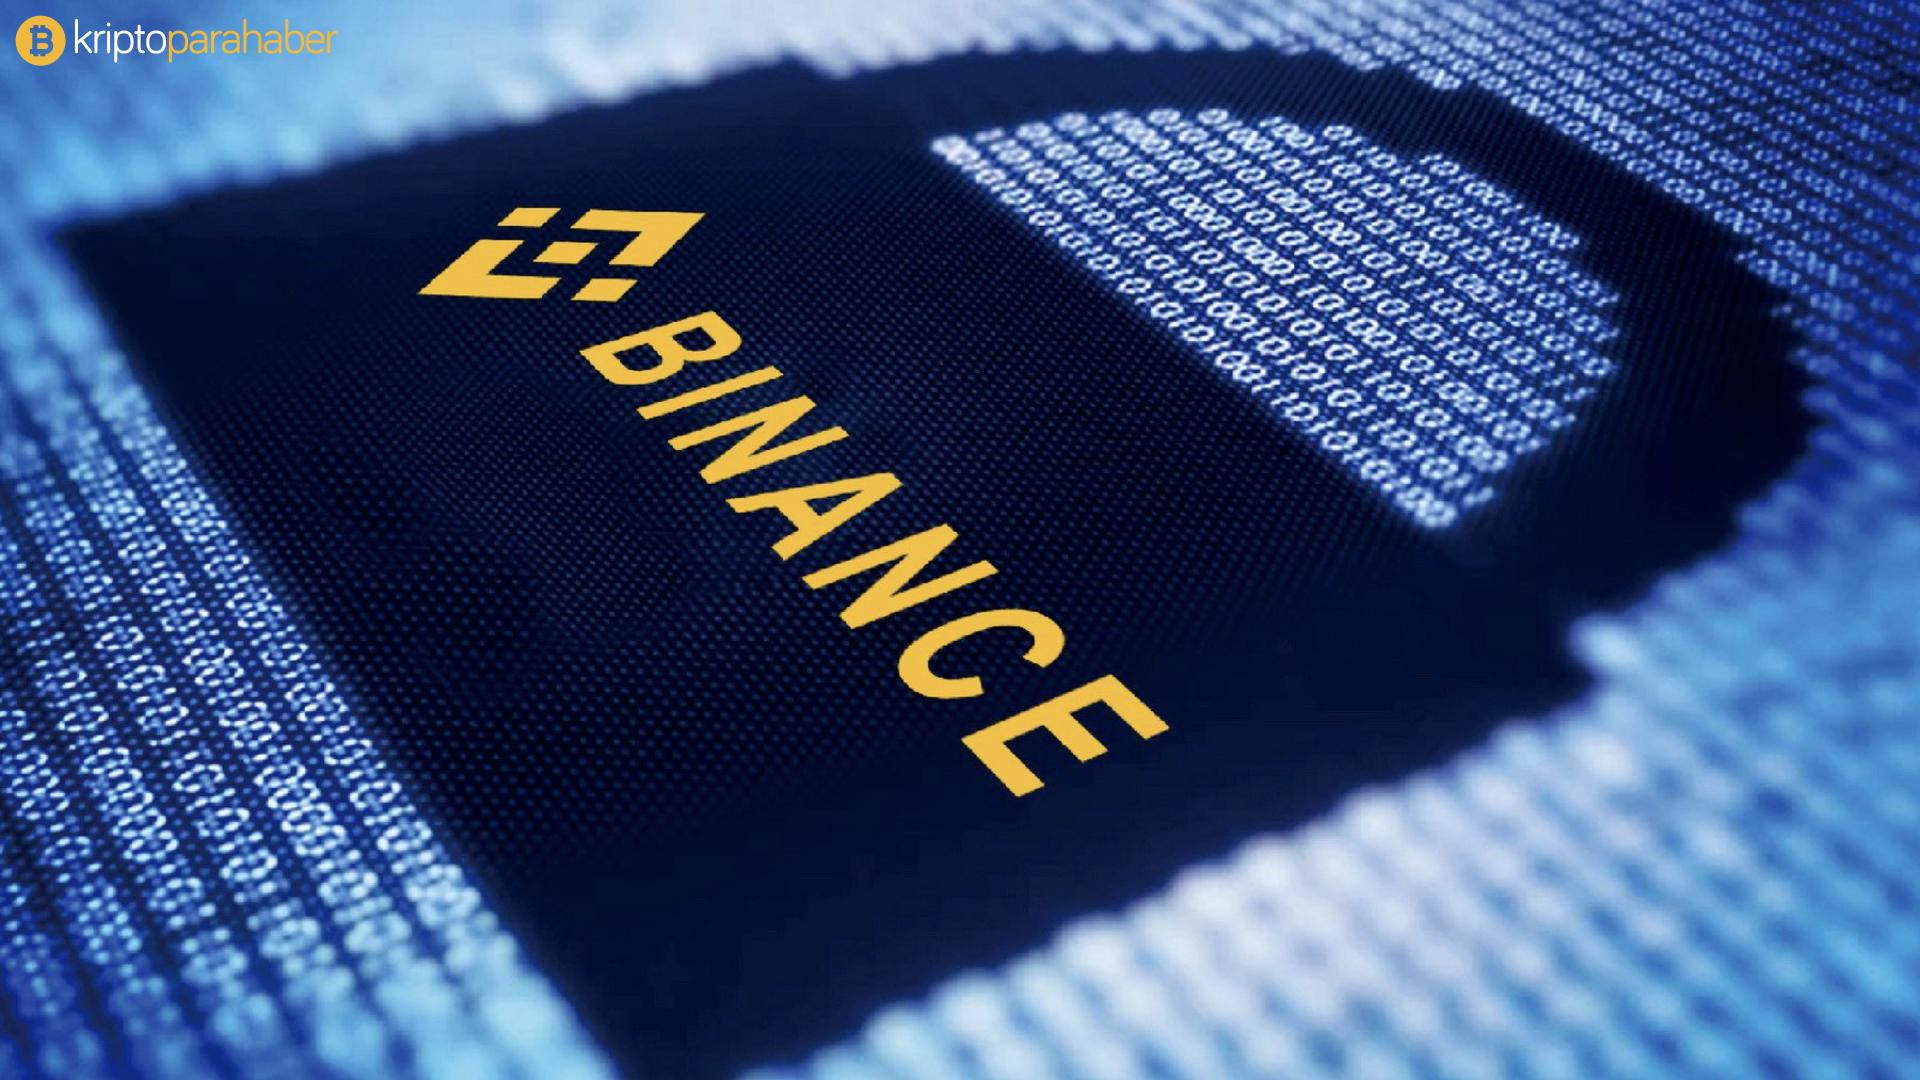 Son dakika: Binance'de para yatırma ve çekme işlemleri askıya alındı!